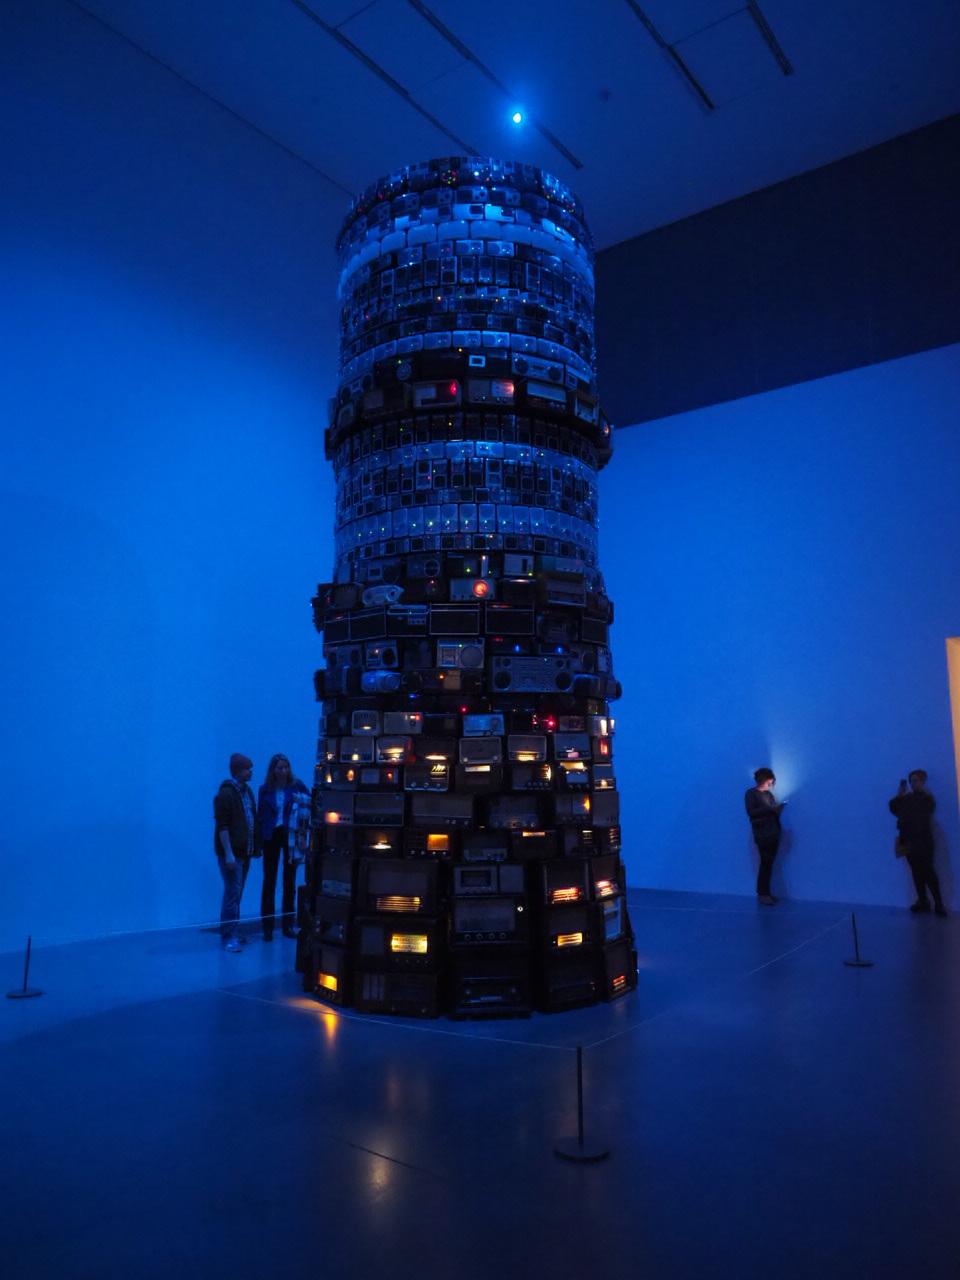 Dette var herlig massivt! Et Babelsk tårn av radioer som alle spilte ulike ting. Clever af!